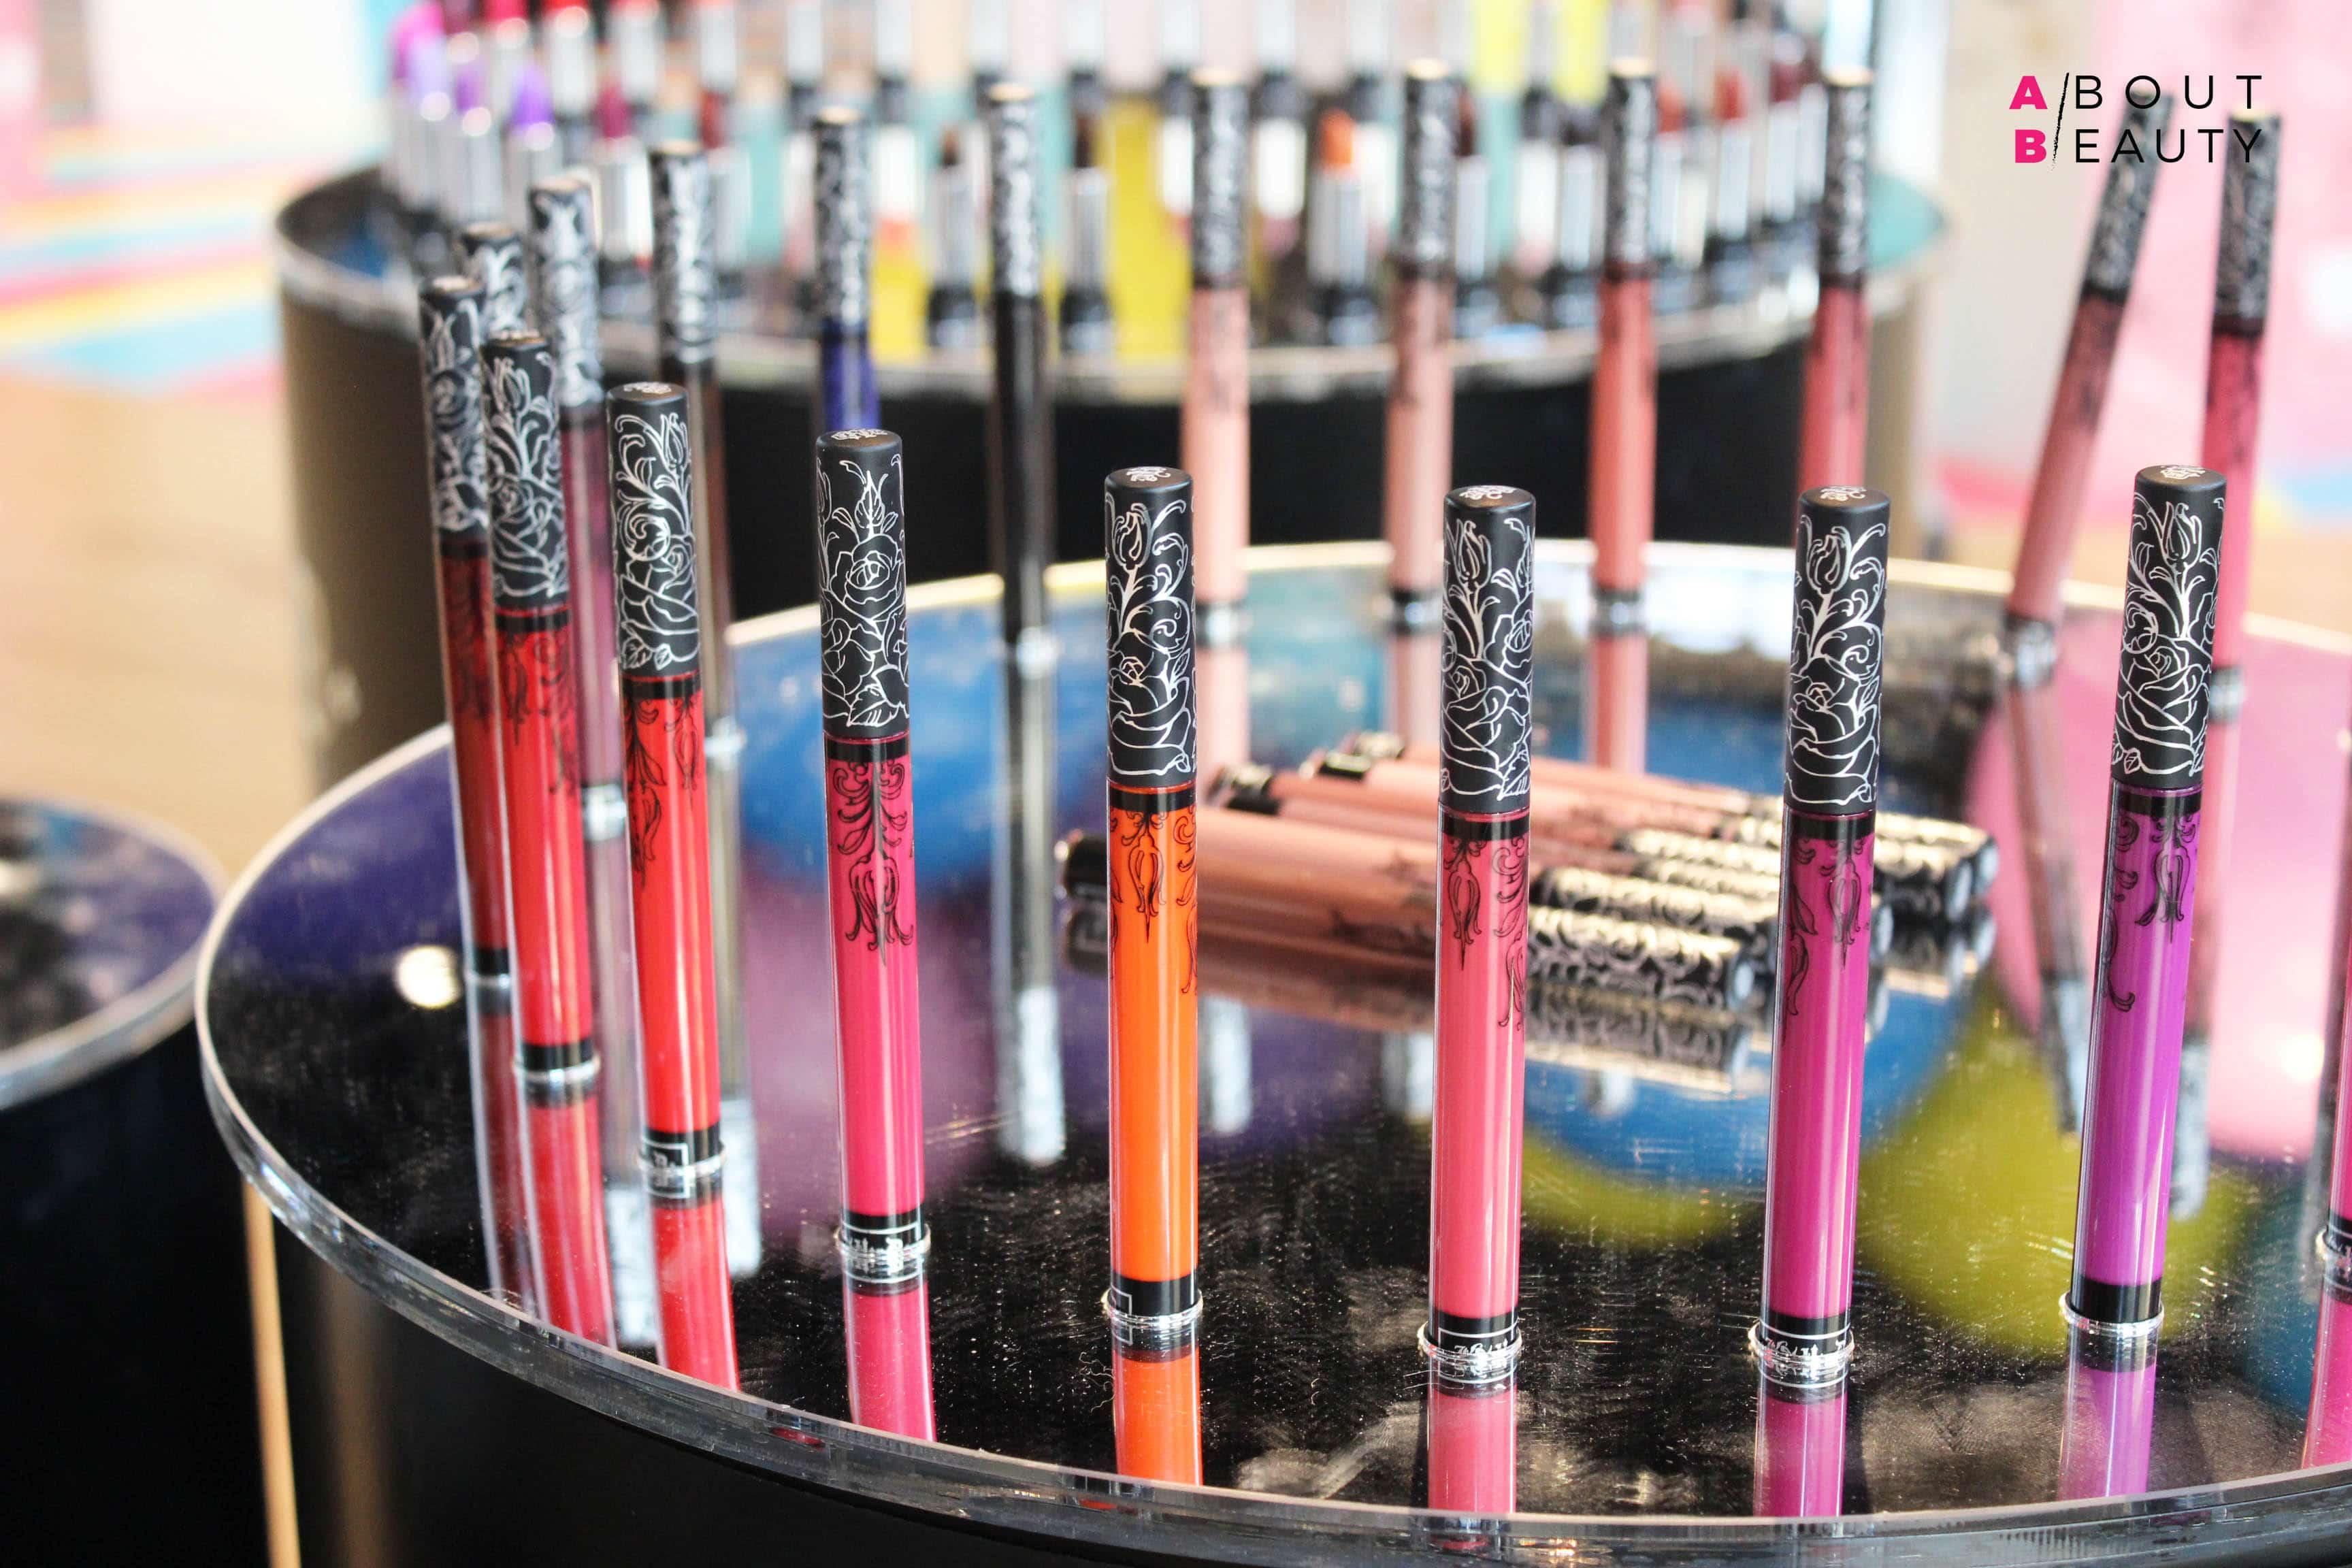 Kat Von D, tutti i prodotti per il trucco labbra in arrivo da Sephora - Everlasting Liquid Lipstick